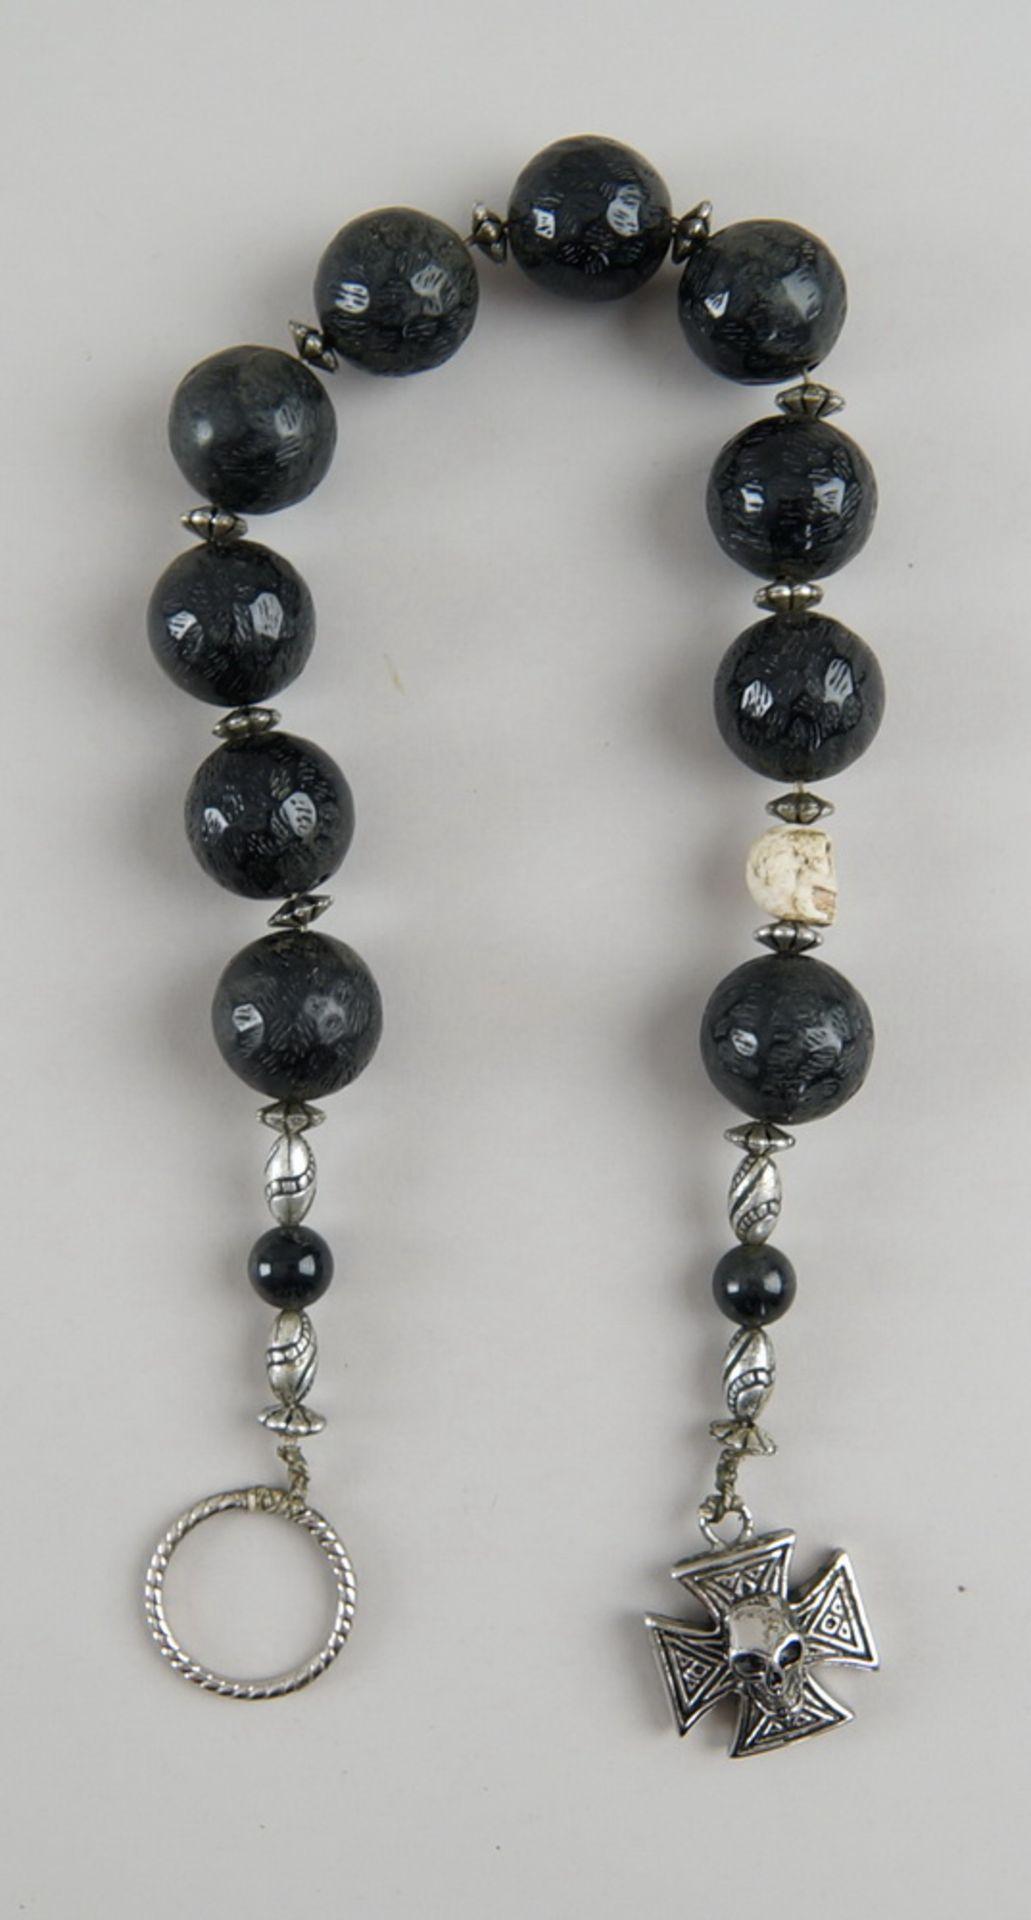 Faulenzer / Zehner Gebetskette mit Silberring und in Bein geschnitztem Totenkopf, kleinesKreuz mit - Bild 2 aus 4